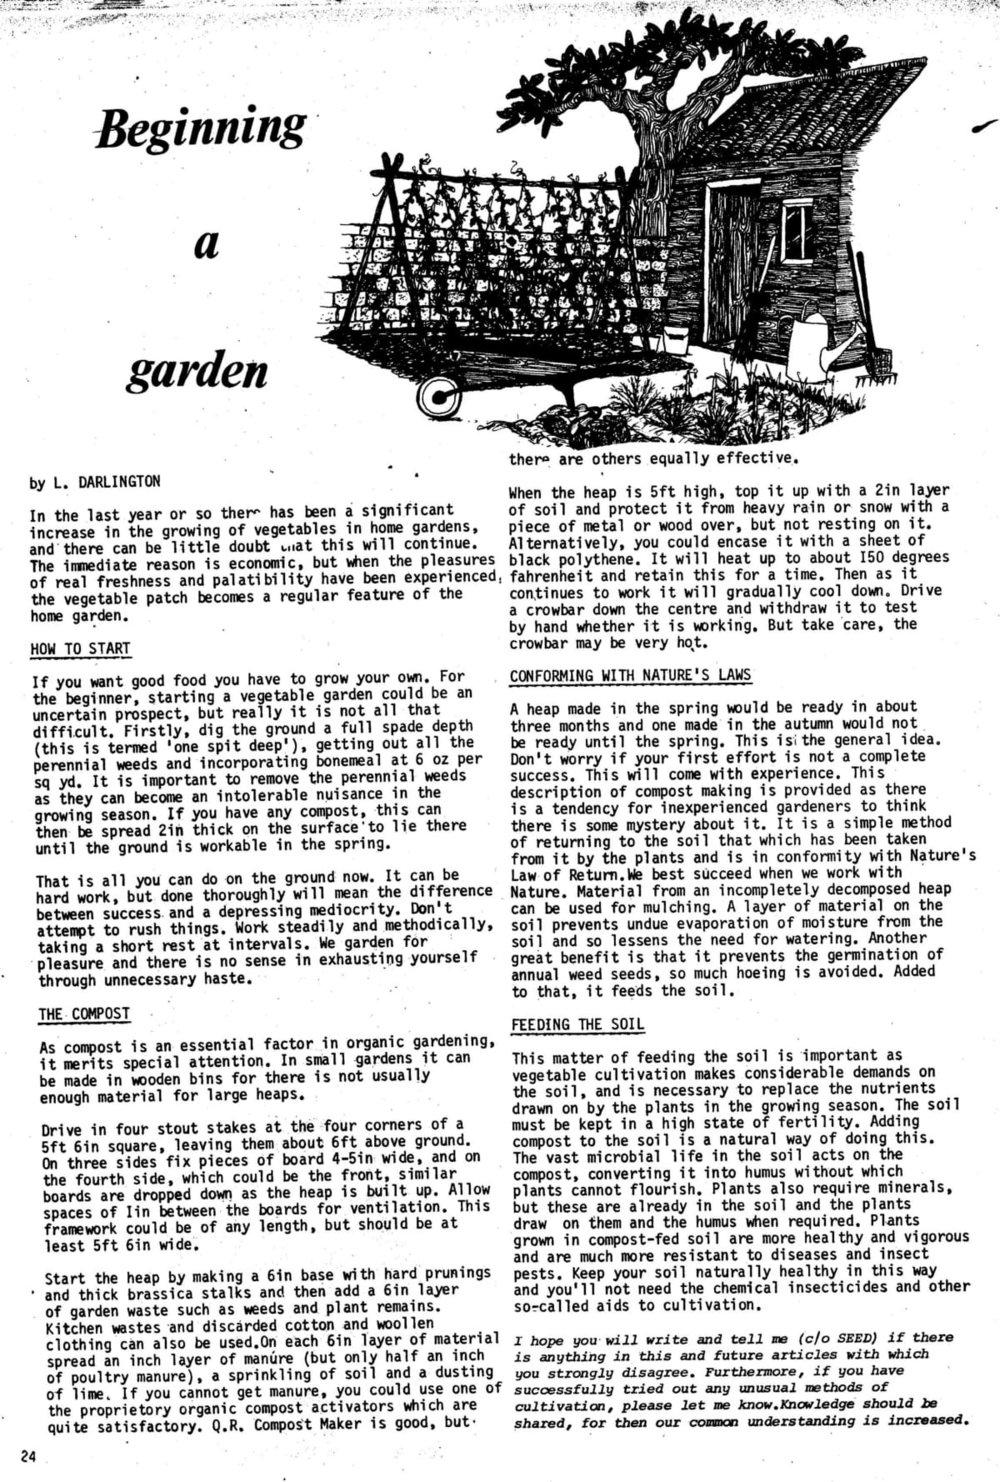 seed-v4-n2-feb1975-24.jpg